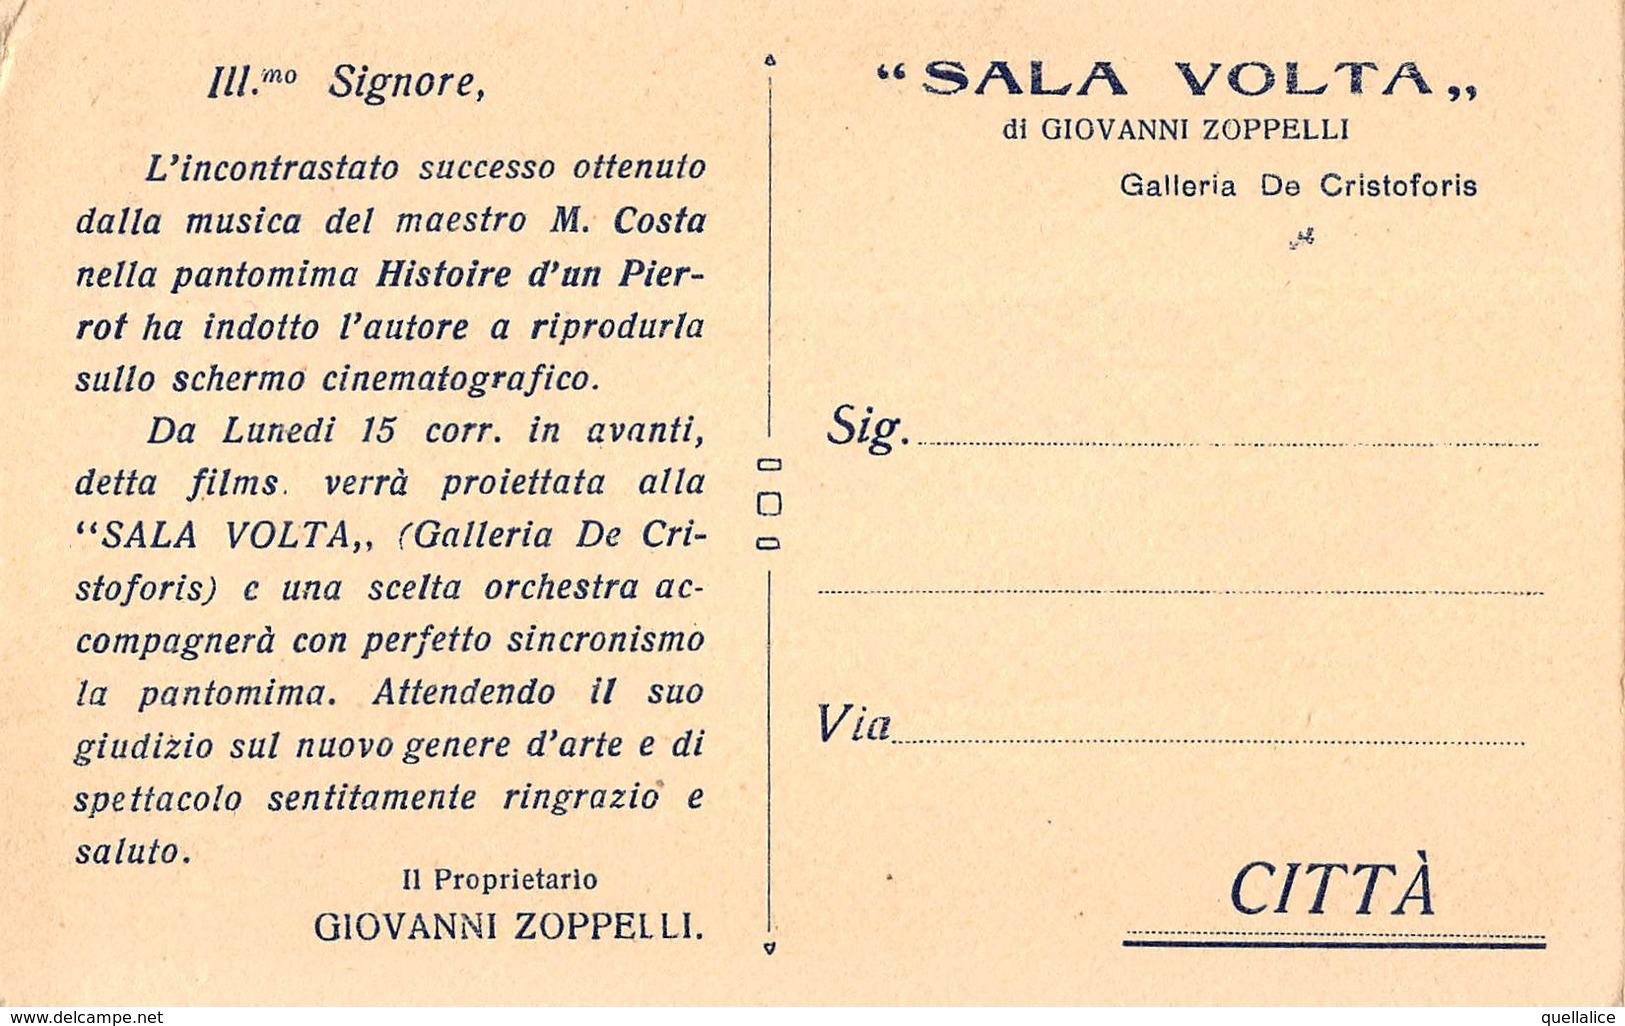 """0897 """"HISTOIRE D'UN PIERROT-A FRANCESCA BERTINI-SALA VOLTA DI GIOVANNI ZOPPELLI-GALLERIA DE CRISTOFORIS"""" CART NON SPED - Cartes Postales"""